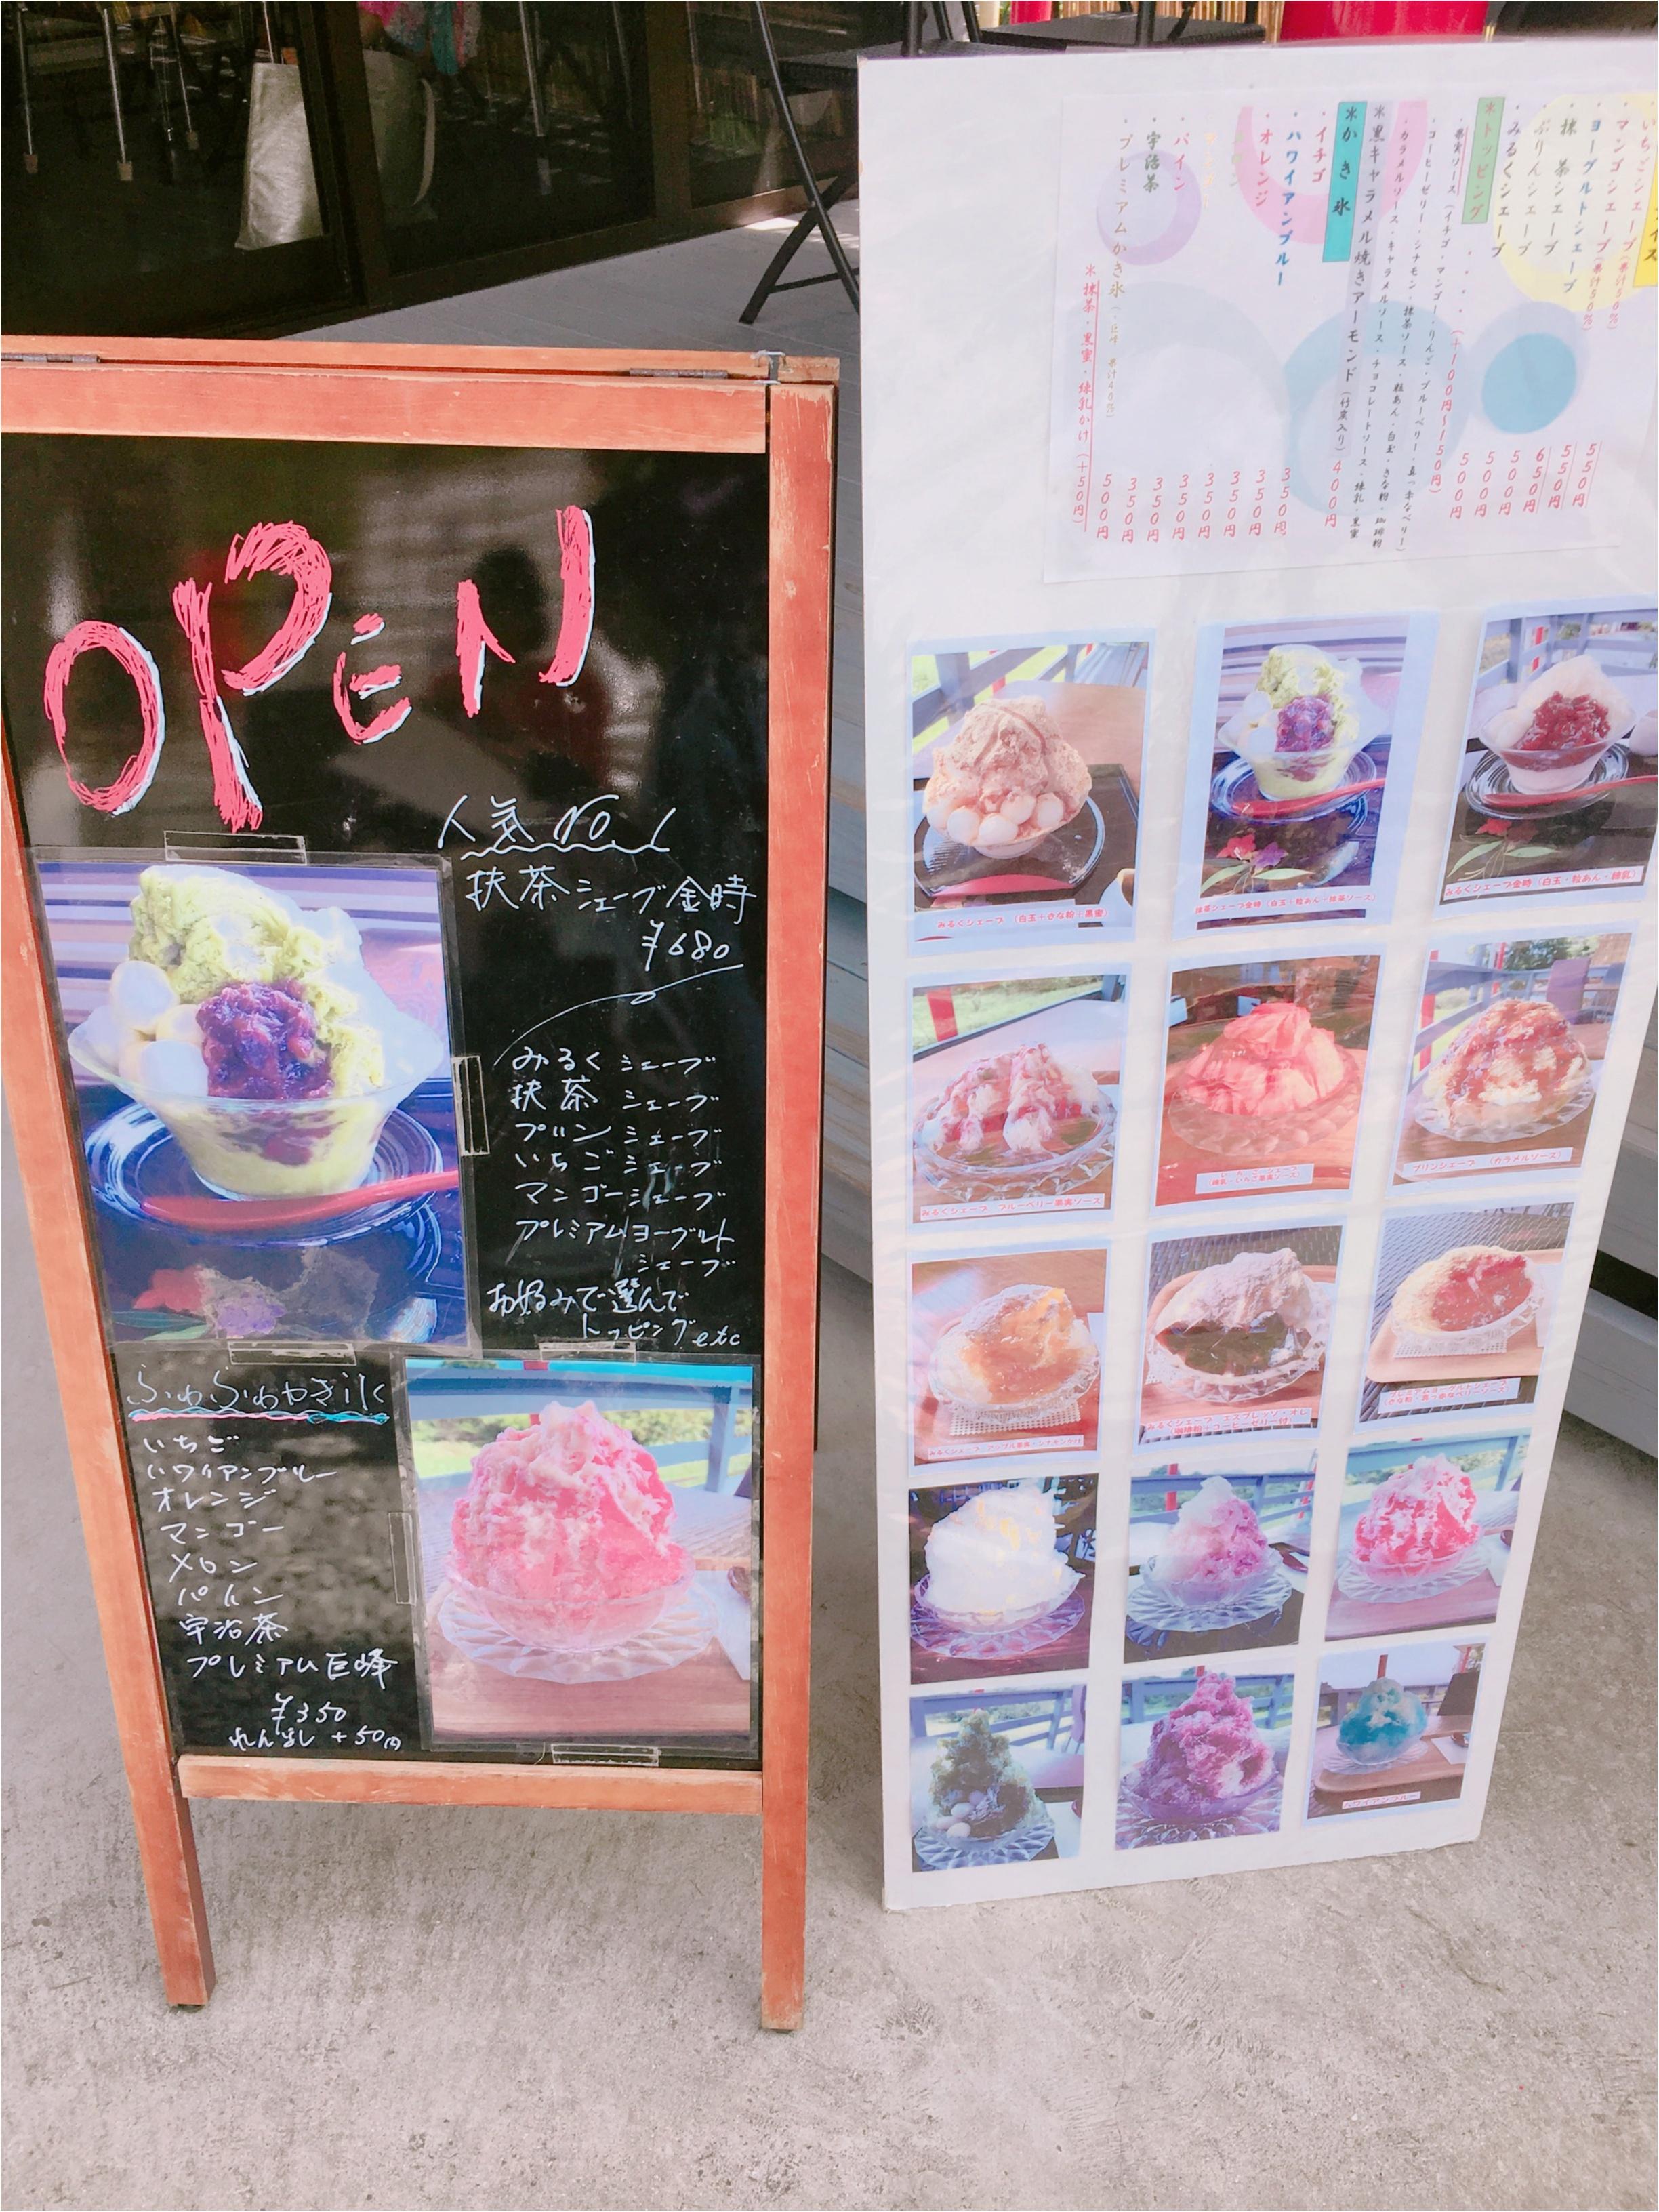 甲佐町のかき氷屋さんで味わう、ふわっふわな絶品かき氷〜〜!【#モアチャレ 熊本の魅力発信!】_2